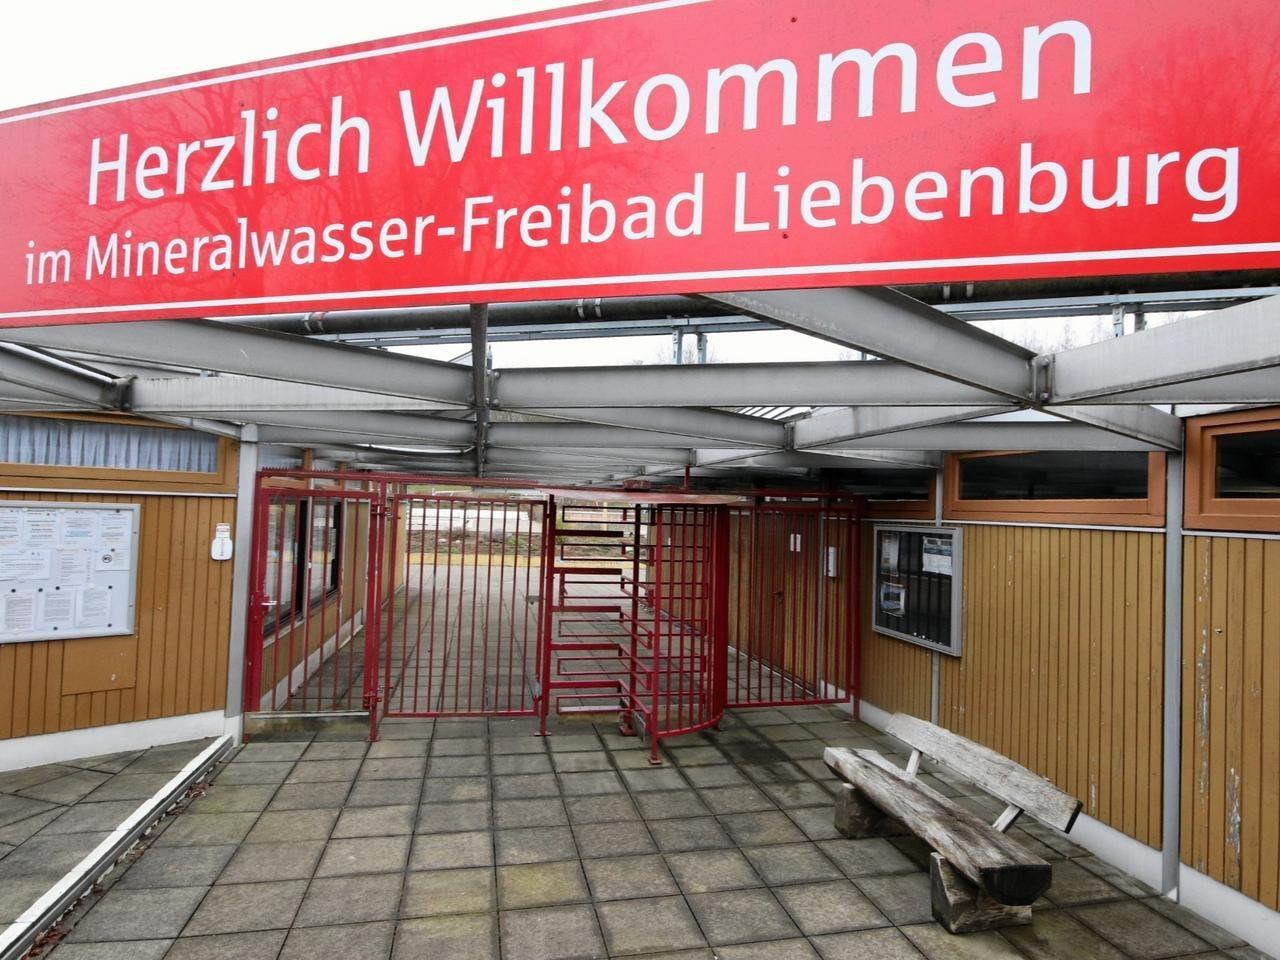 Freibad Liebenburg geht an den Start